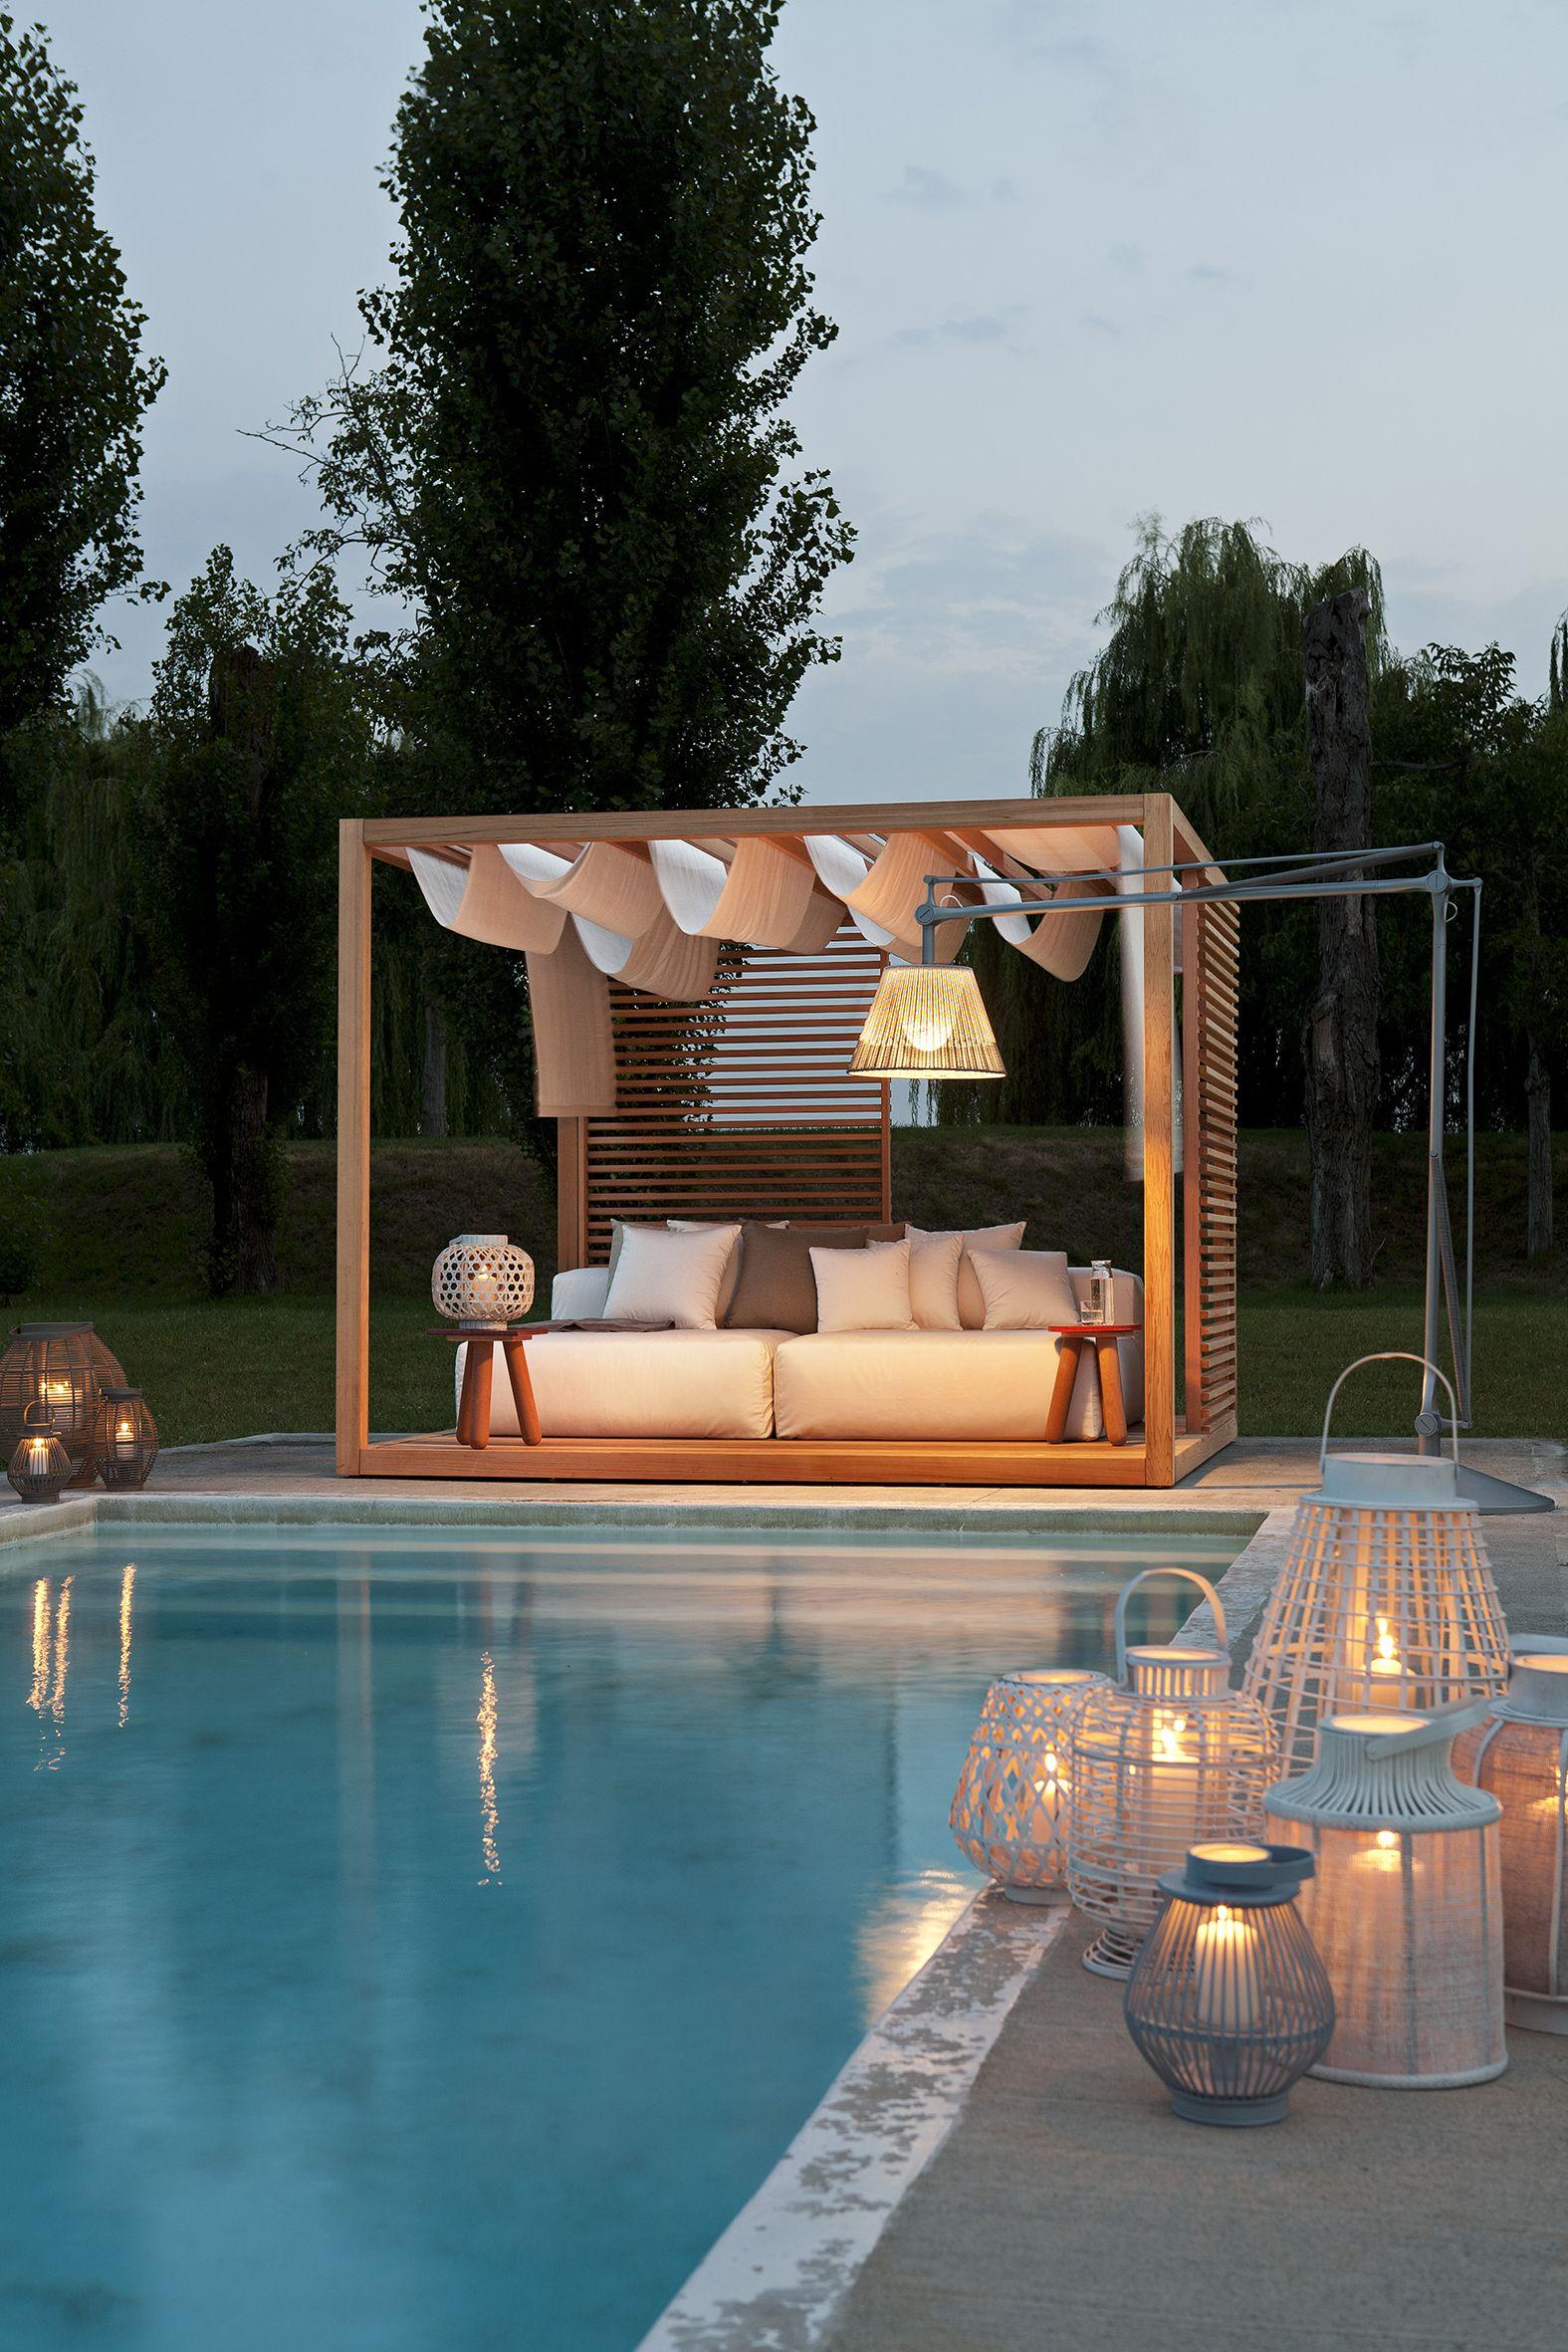 Idee Eclairage Terrasse Piscine décors autour de la piscine | amenagements exterieurs